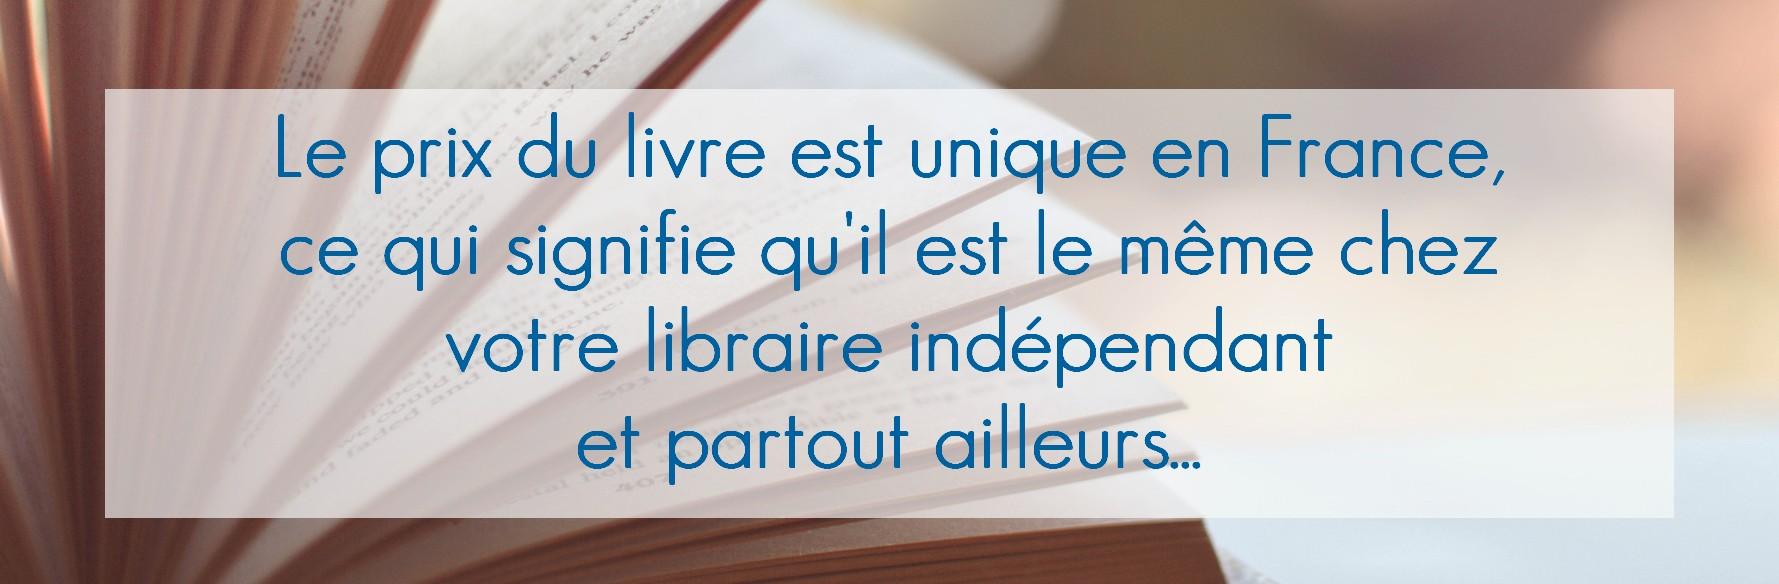 Le prix du livre Librairie Paris 17 Champerret Terne Maillot Pereire